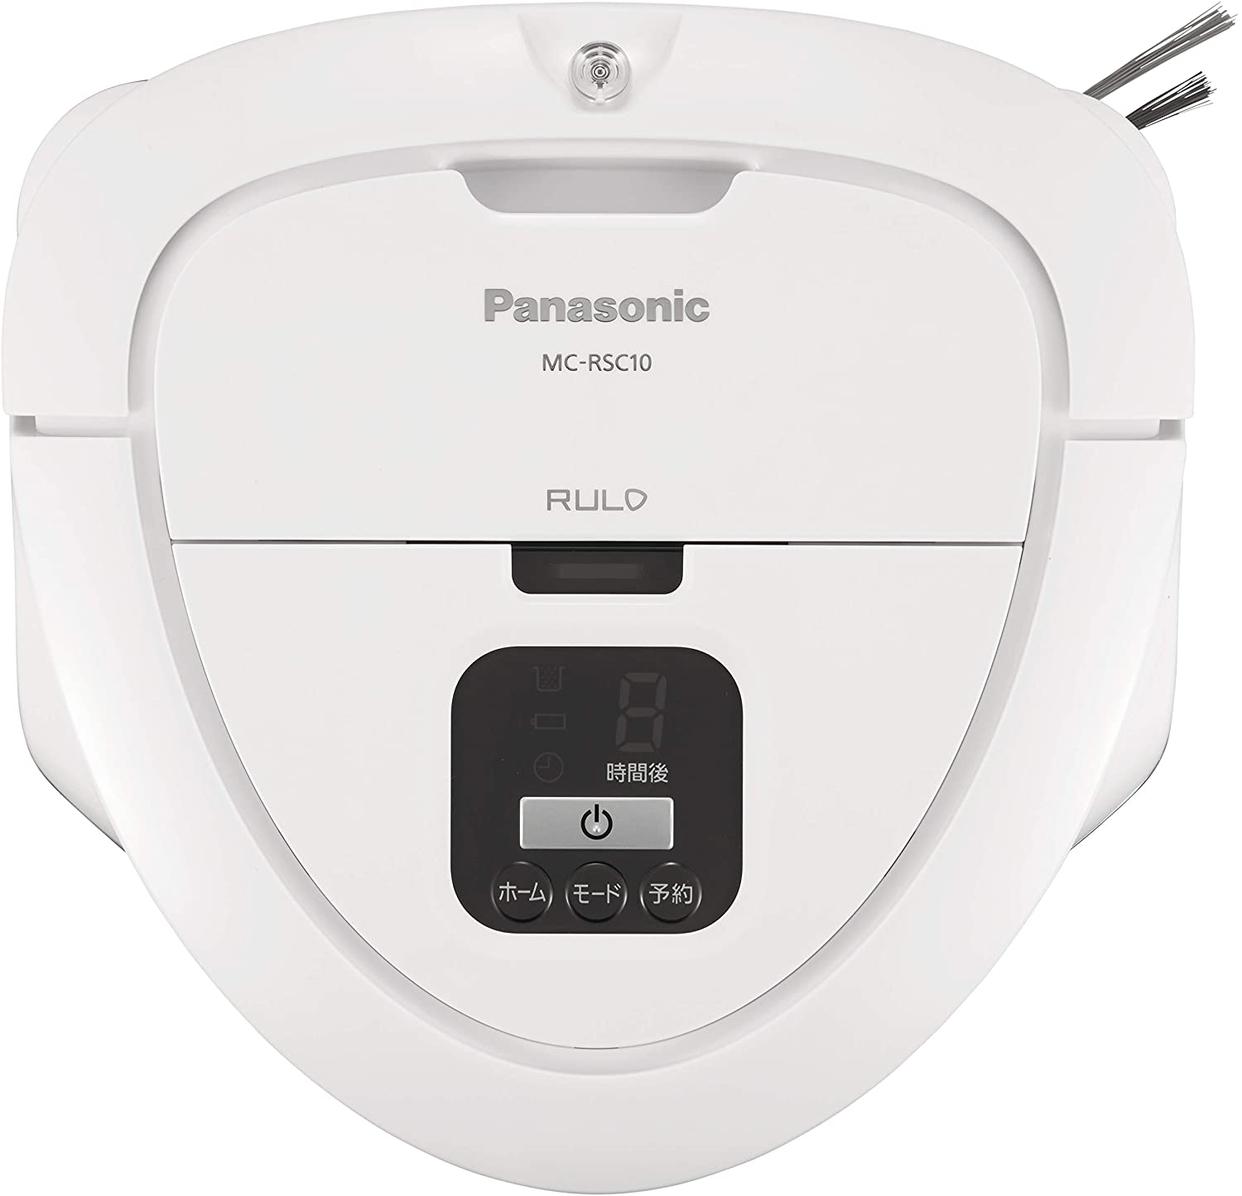 Panasonic(パナソニック) ルーロ ミニ MC-RSC10の商品画像